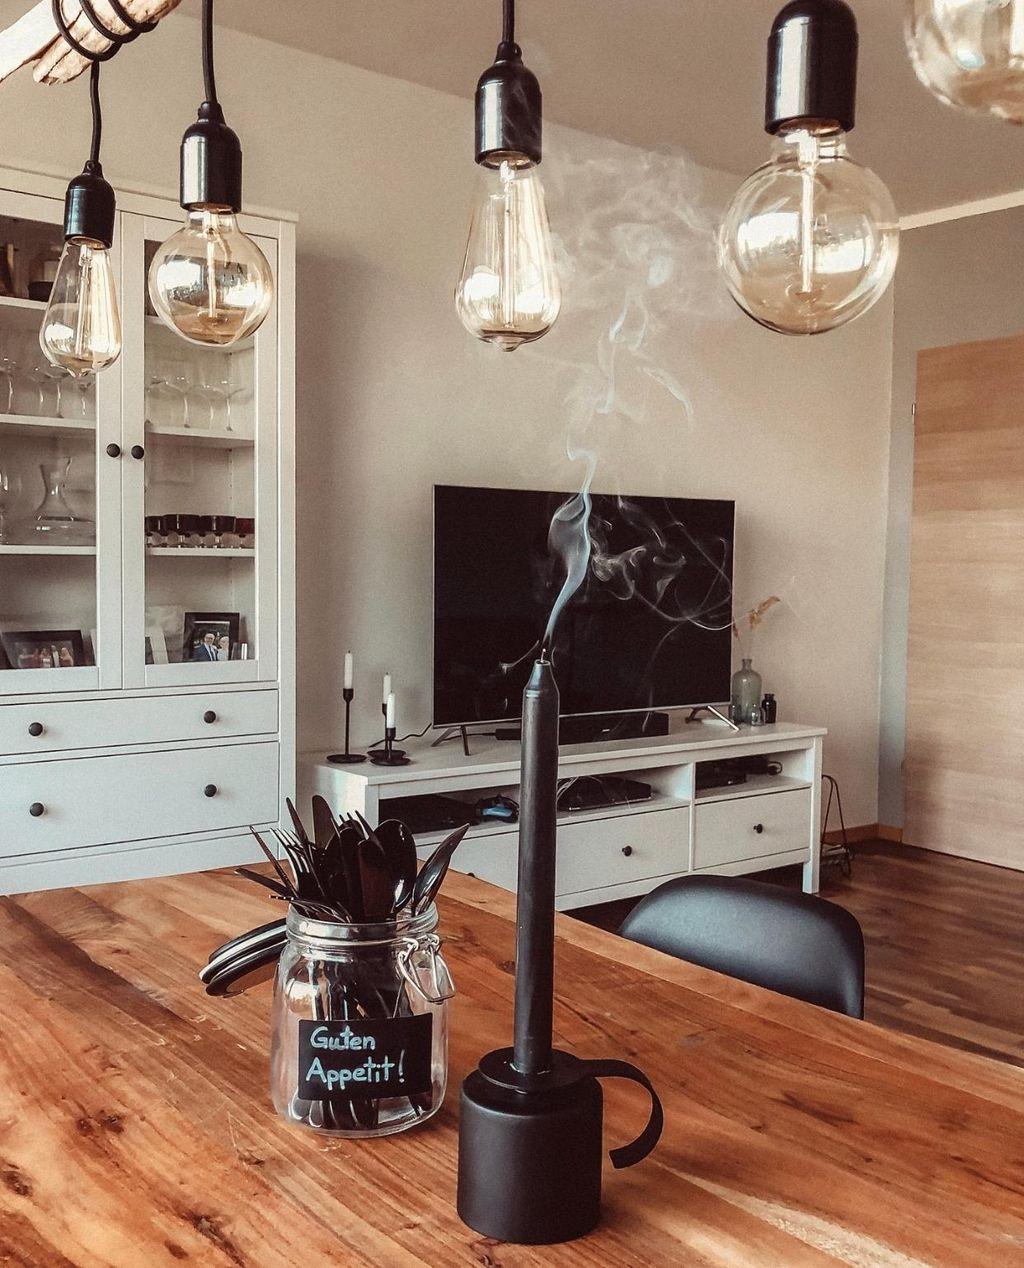 DIY Lampe: Lampen selber bauen!  Lampe selber bauen, Diy lampen